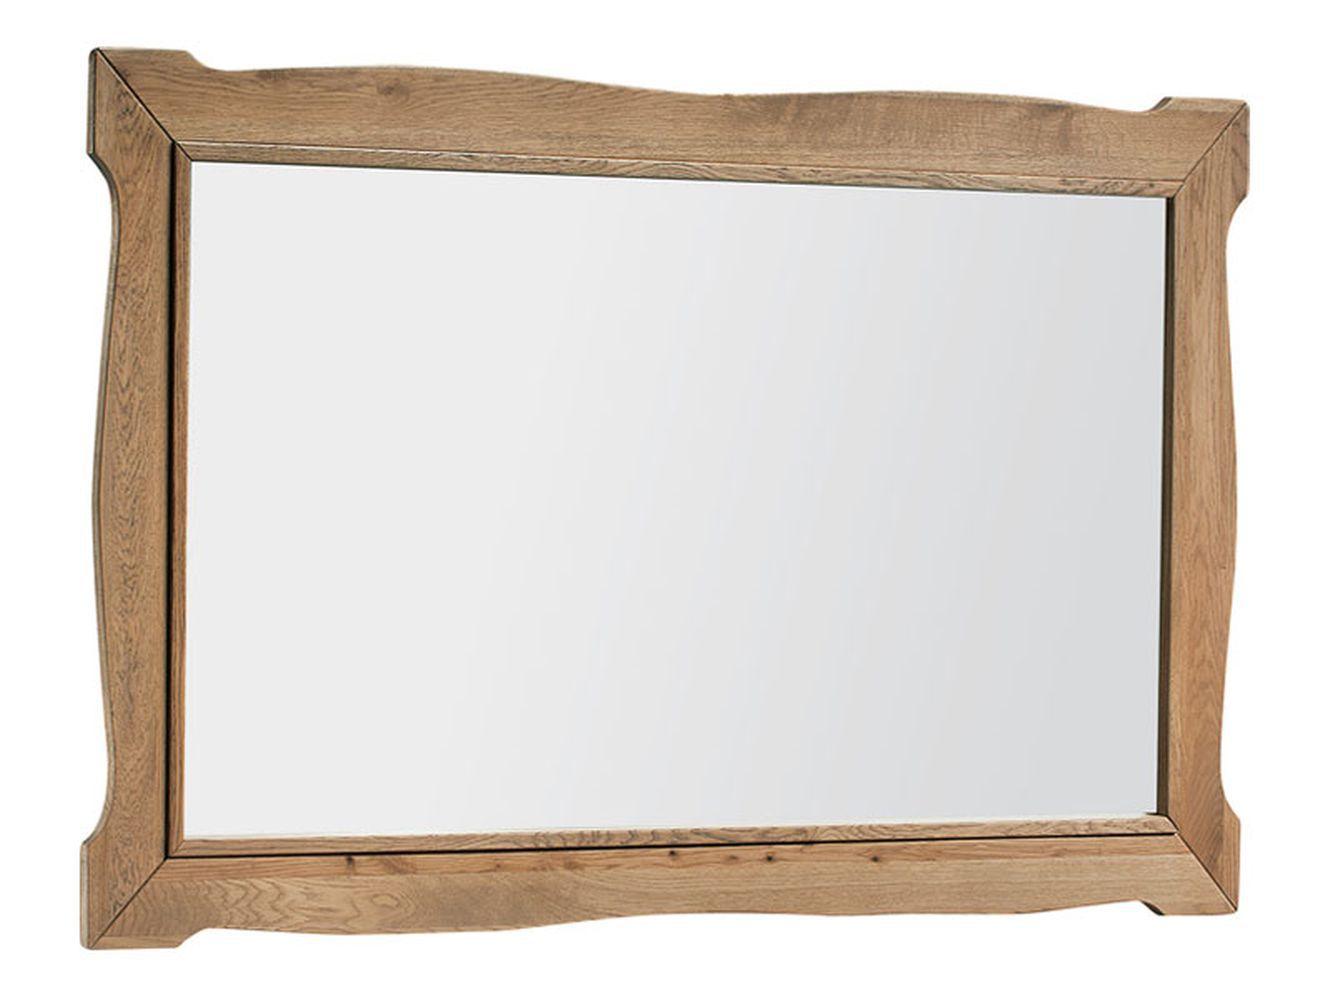 """Spiegel """"Travos"""" Eiche natur  - 75 x 110 x 4 cm (H x B x T)"""